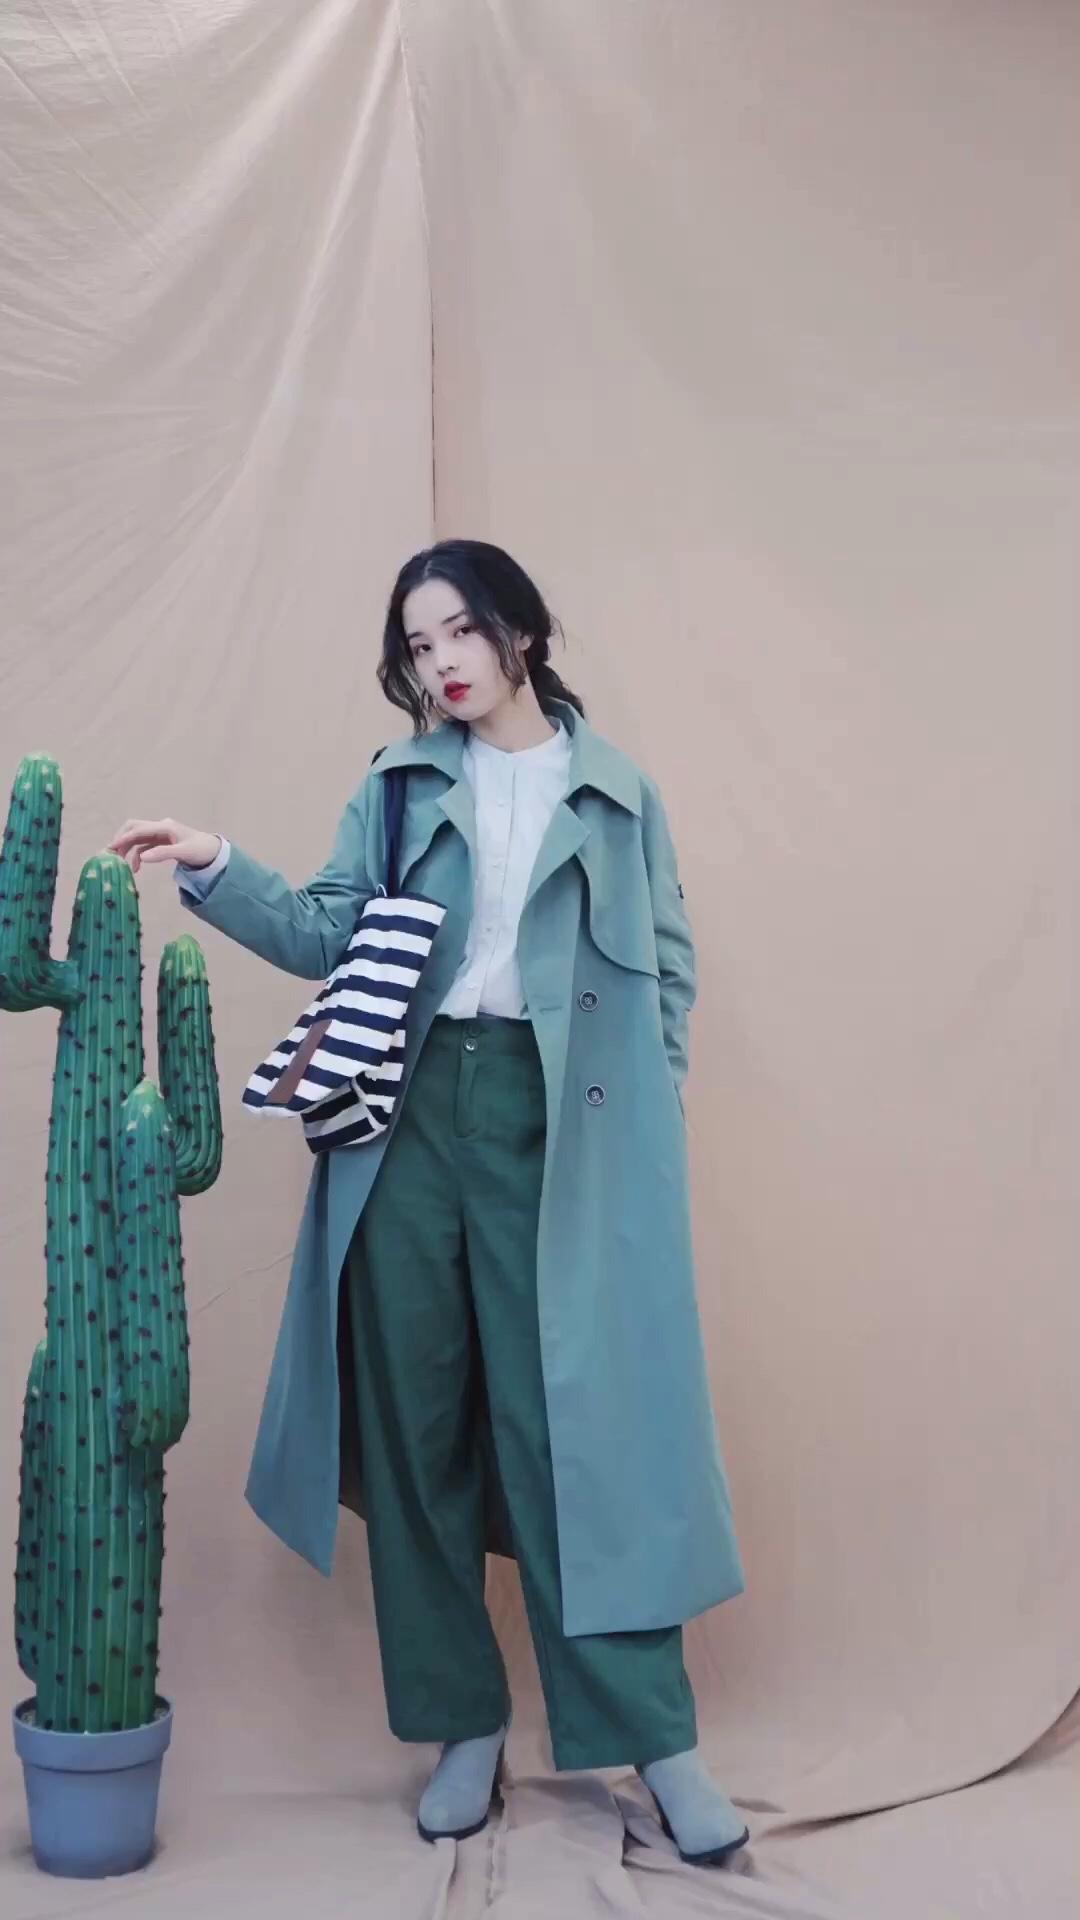 一周穿搭之——今天我绿油油 爱情里的绿不是好绿但日常的绿是美丽的绿~ 这一套和出游的你十分搭哦! jw和优衣库联名的包可以说是十分百搭了 什么休闲风的衣服配都不会有违和感~ 夏天到了 一定要买一条棉麻的裤几哦 #MOGU STUDIO#